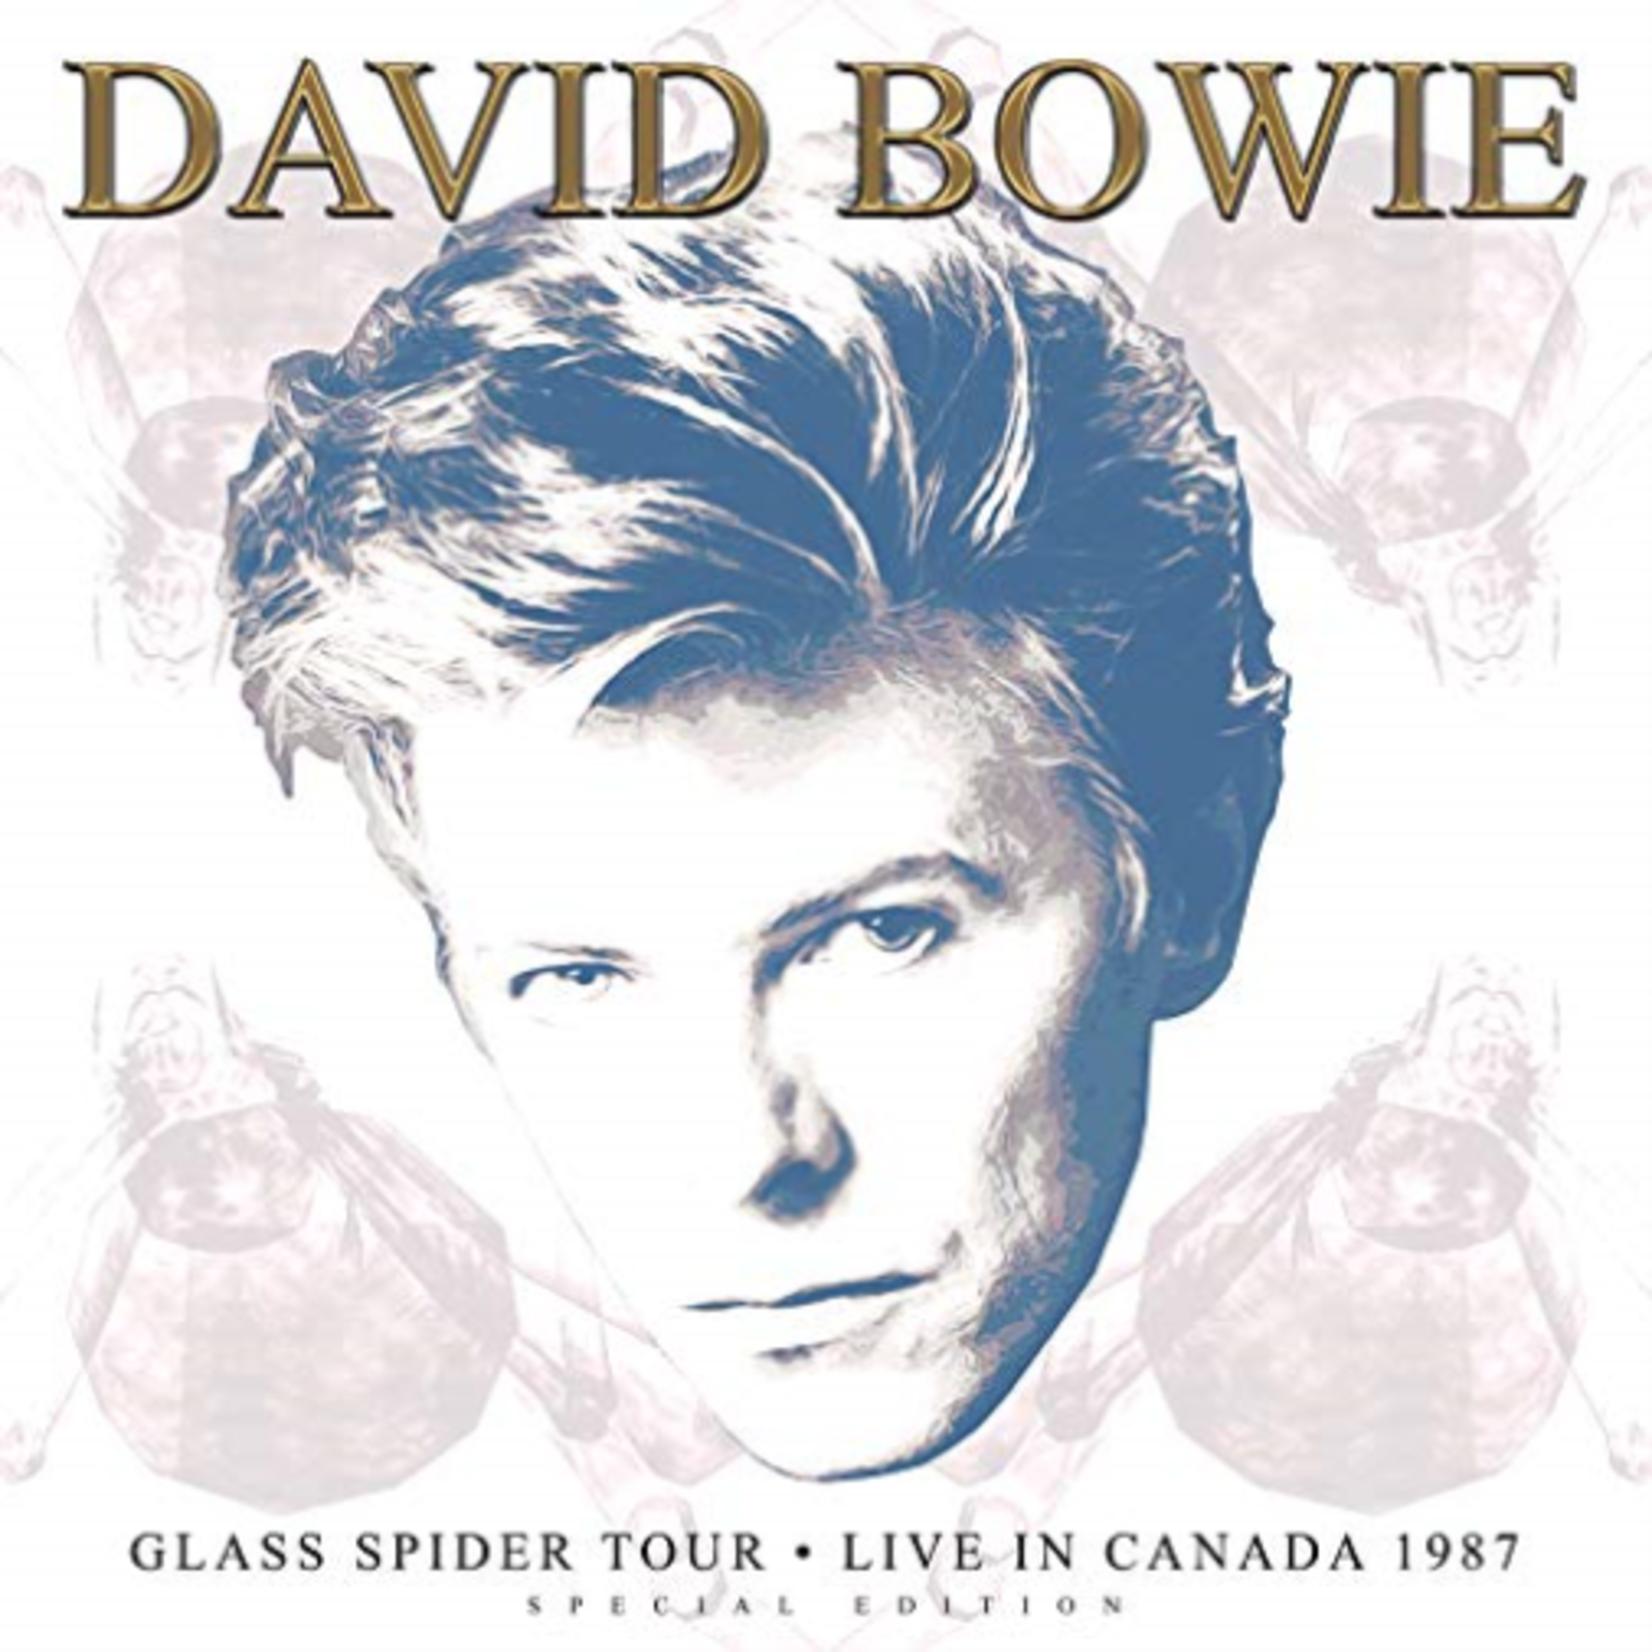 DAVID BOWIE GLASS SPIDER TOUR 1987 (LTD WHITE VINYL)